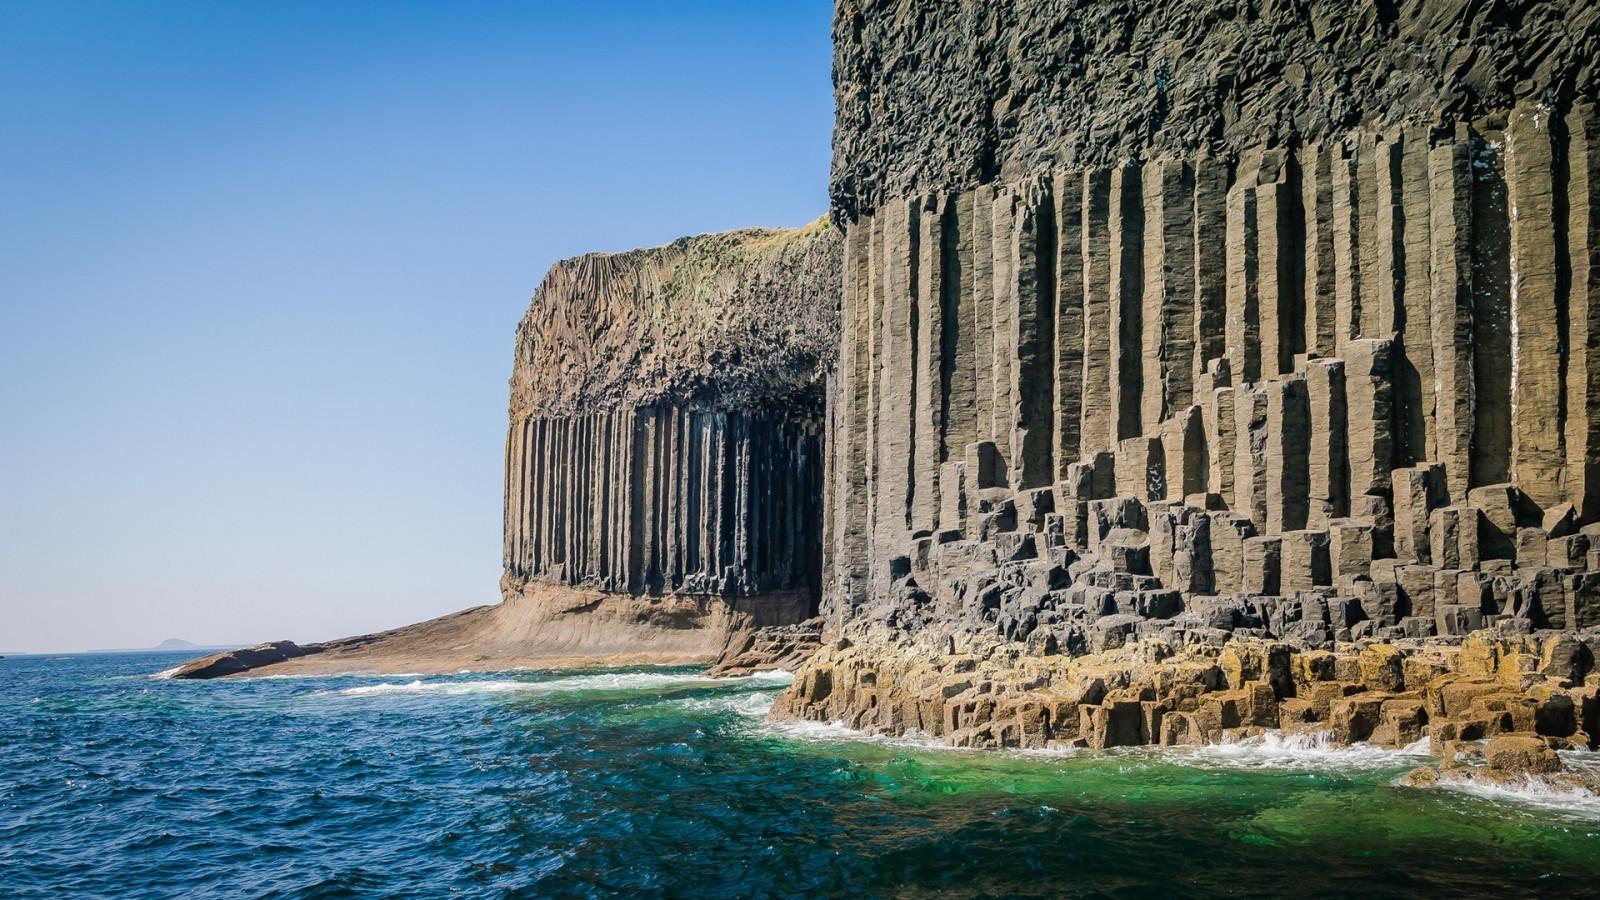 海, 岩, 自然, ビーチ, スコットランド, 海岸, 崖, 侵食, 柱, イギリス, 遺跡, 岩の形成, 形成, スタッファ島, 地形, ランドマーク, 古代の歴史, 考古学的なサイト